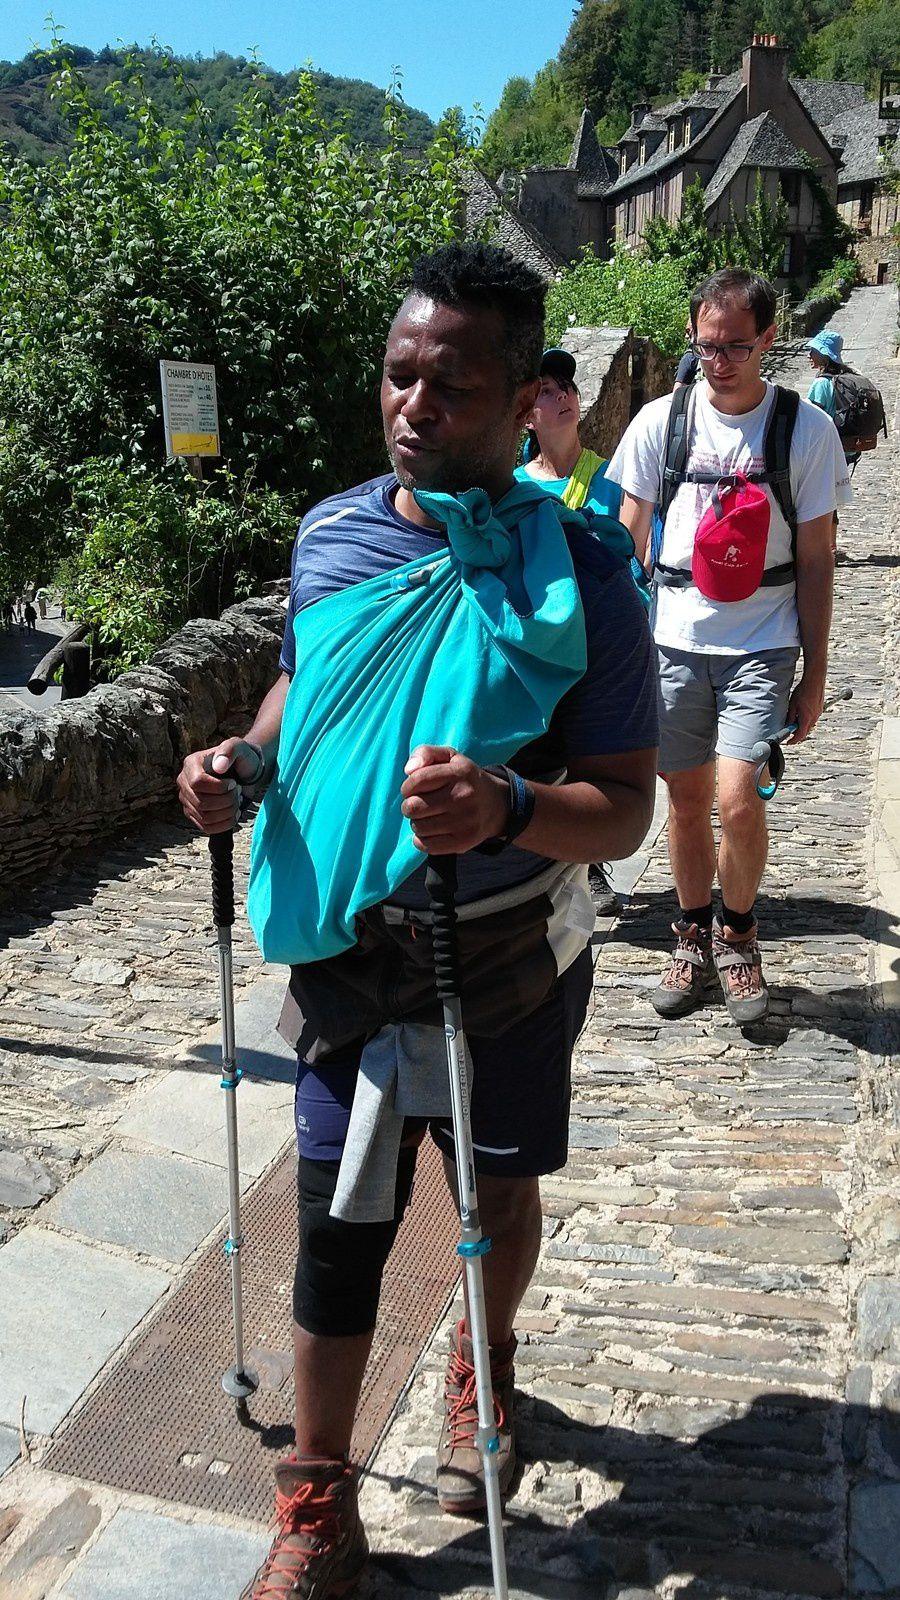 Nous voilà à Conques, dans la descente vers l'Abbaye Sainte-Foy de Conques, nous prenons notre temps pour ressentir, toucher et écouter autour de nous l'environnement qui nous fait oublier notre marche de la journée. La descente de l'escalier se fait prudemment car les marches sont devenus inégales par endroit.